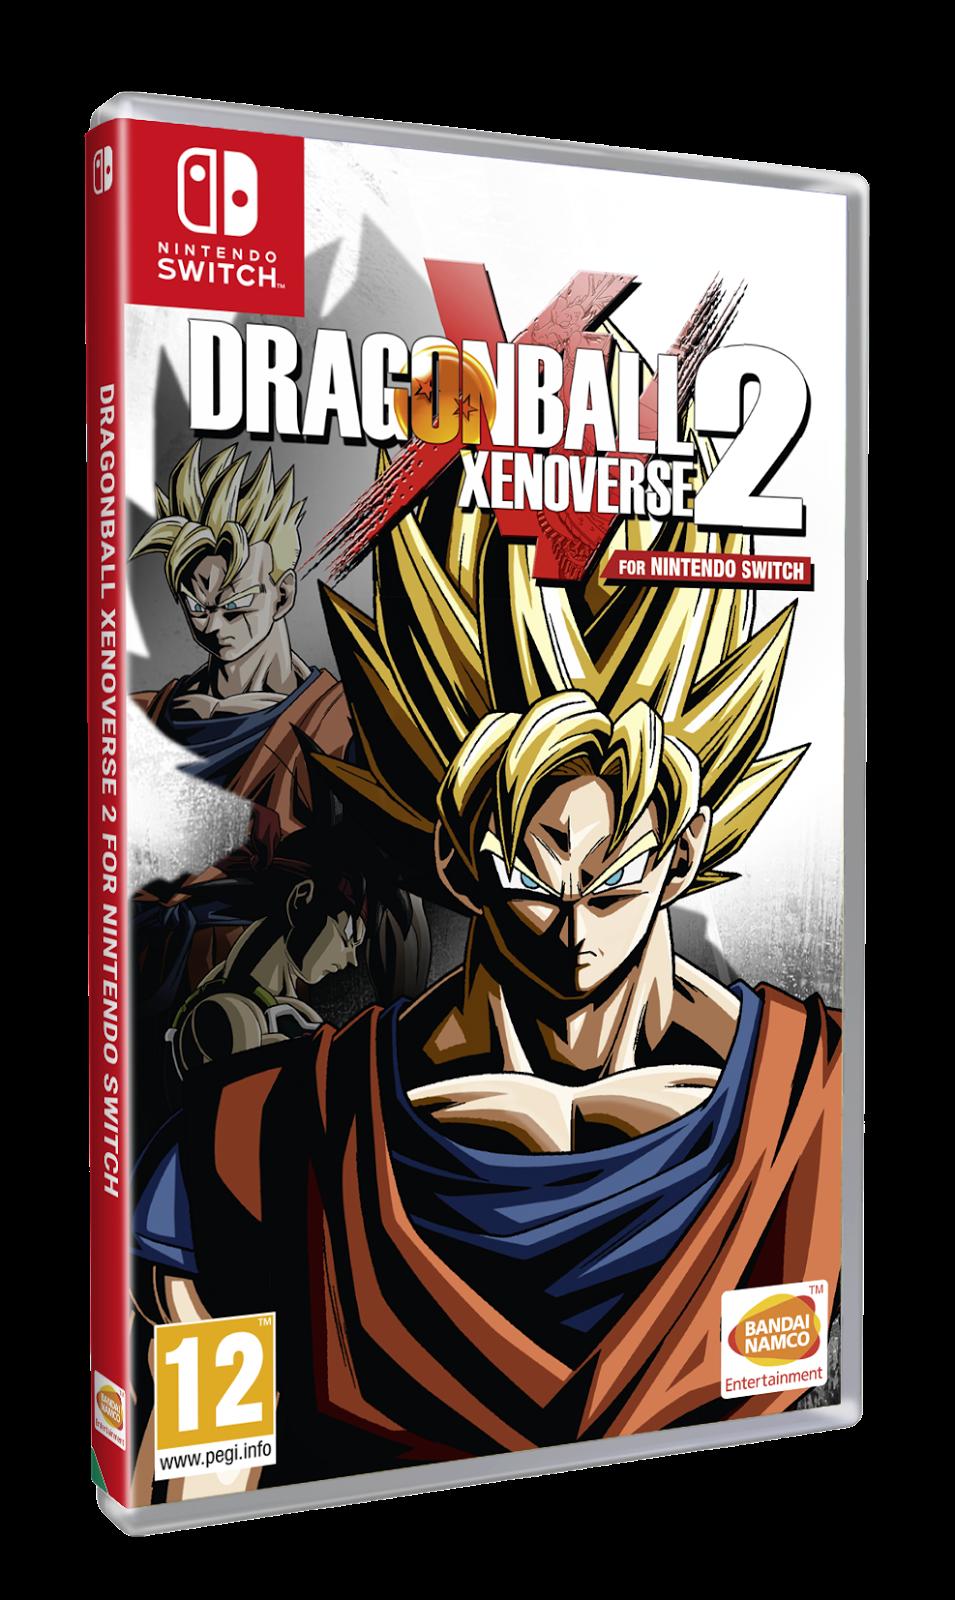 Dragon Ball Xenoverse 2 llegará a Nintendo Switch el próximo 22 de septiembre